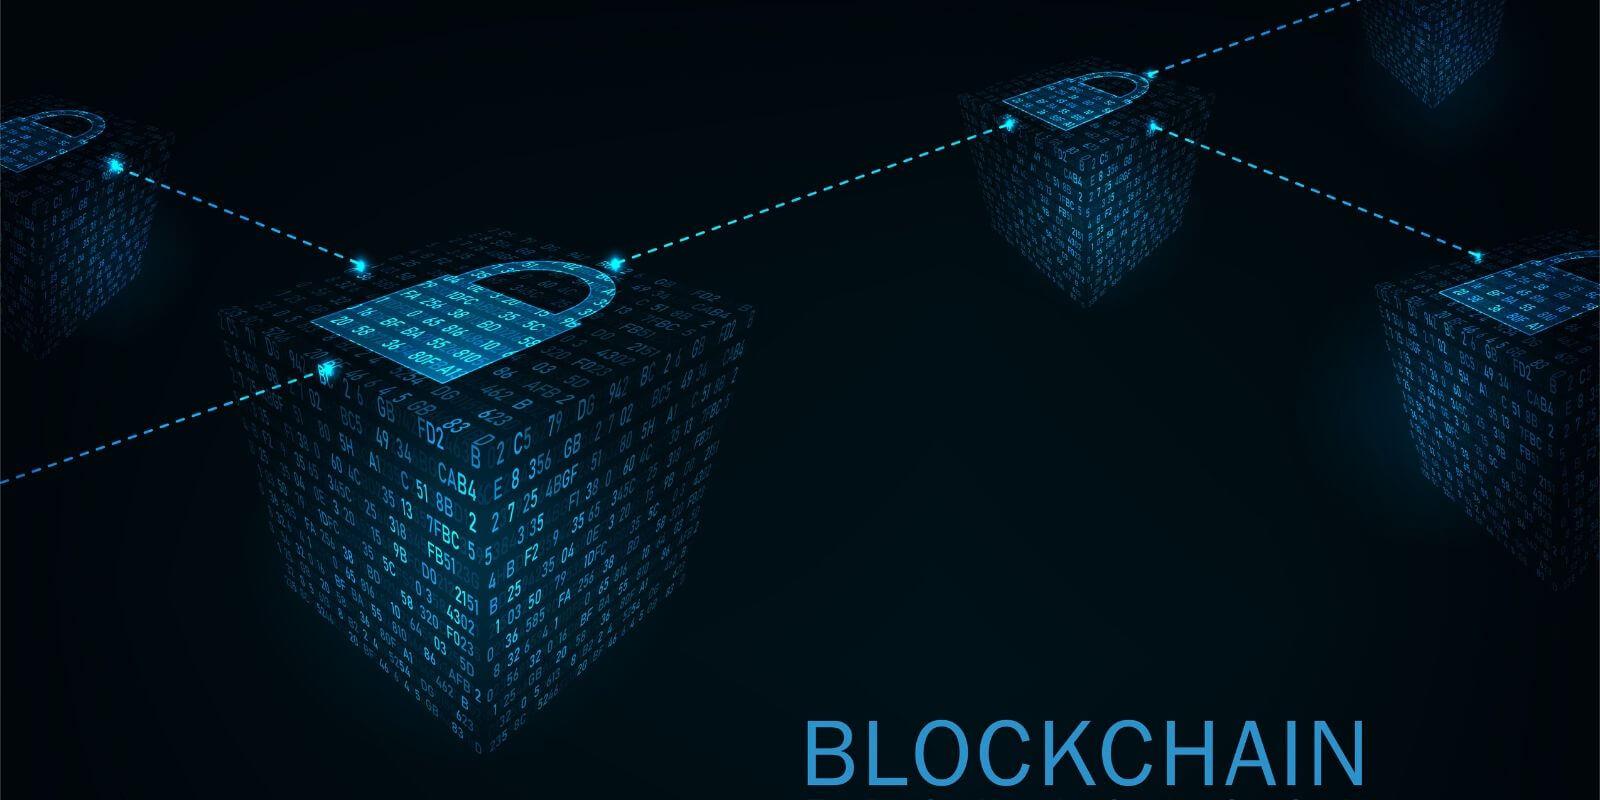 Les dépenses dans le secteur de la blockchain dépasseront 16 milliards de dollars d'ici à 2023